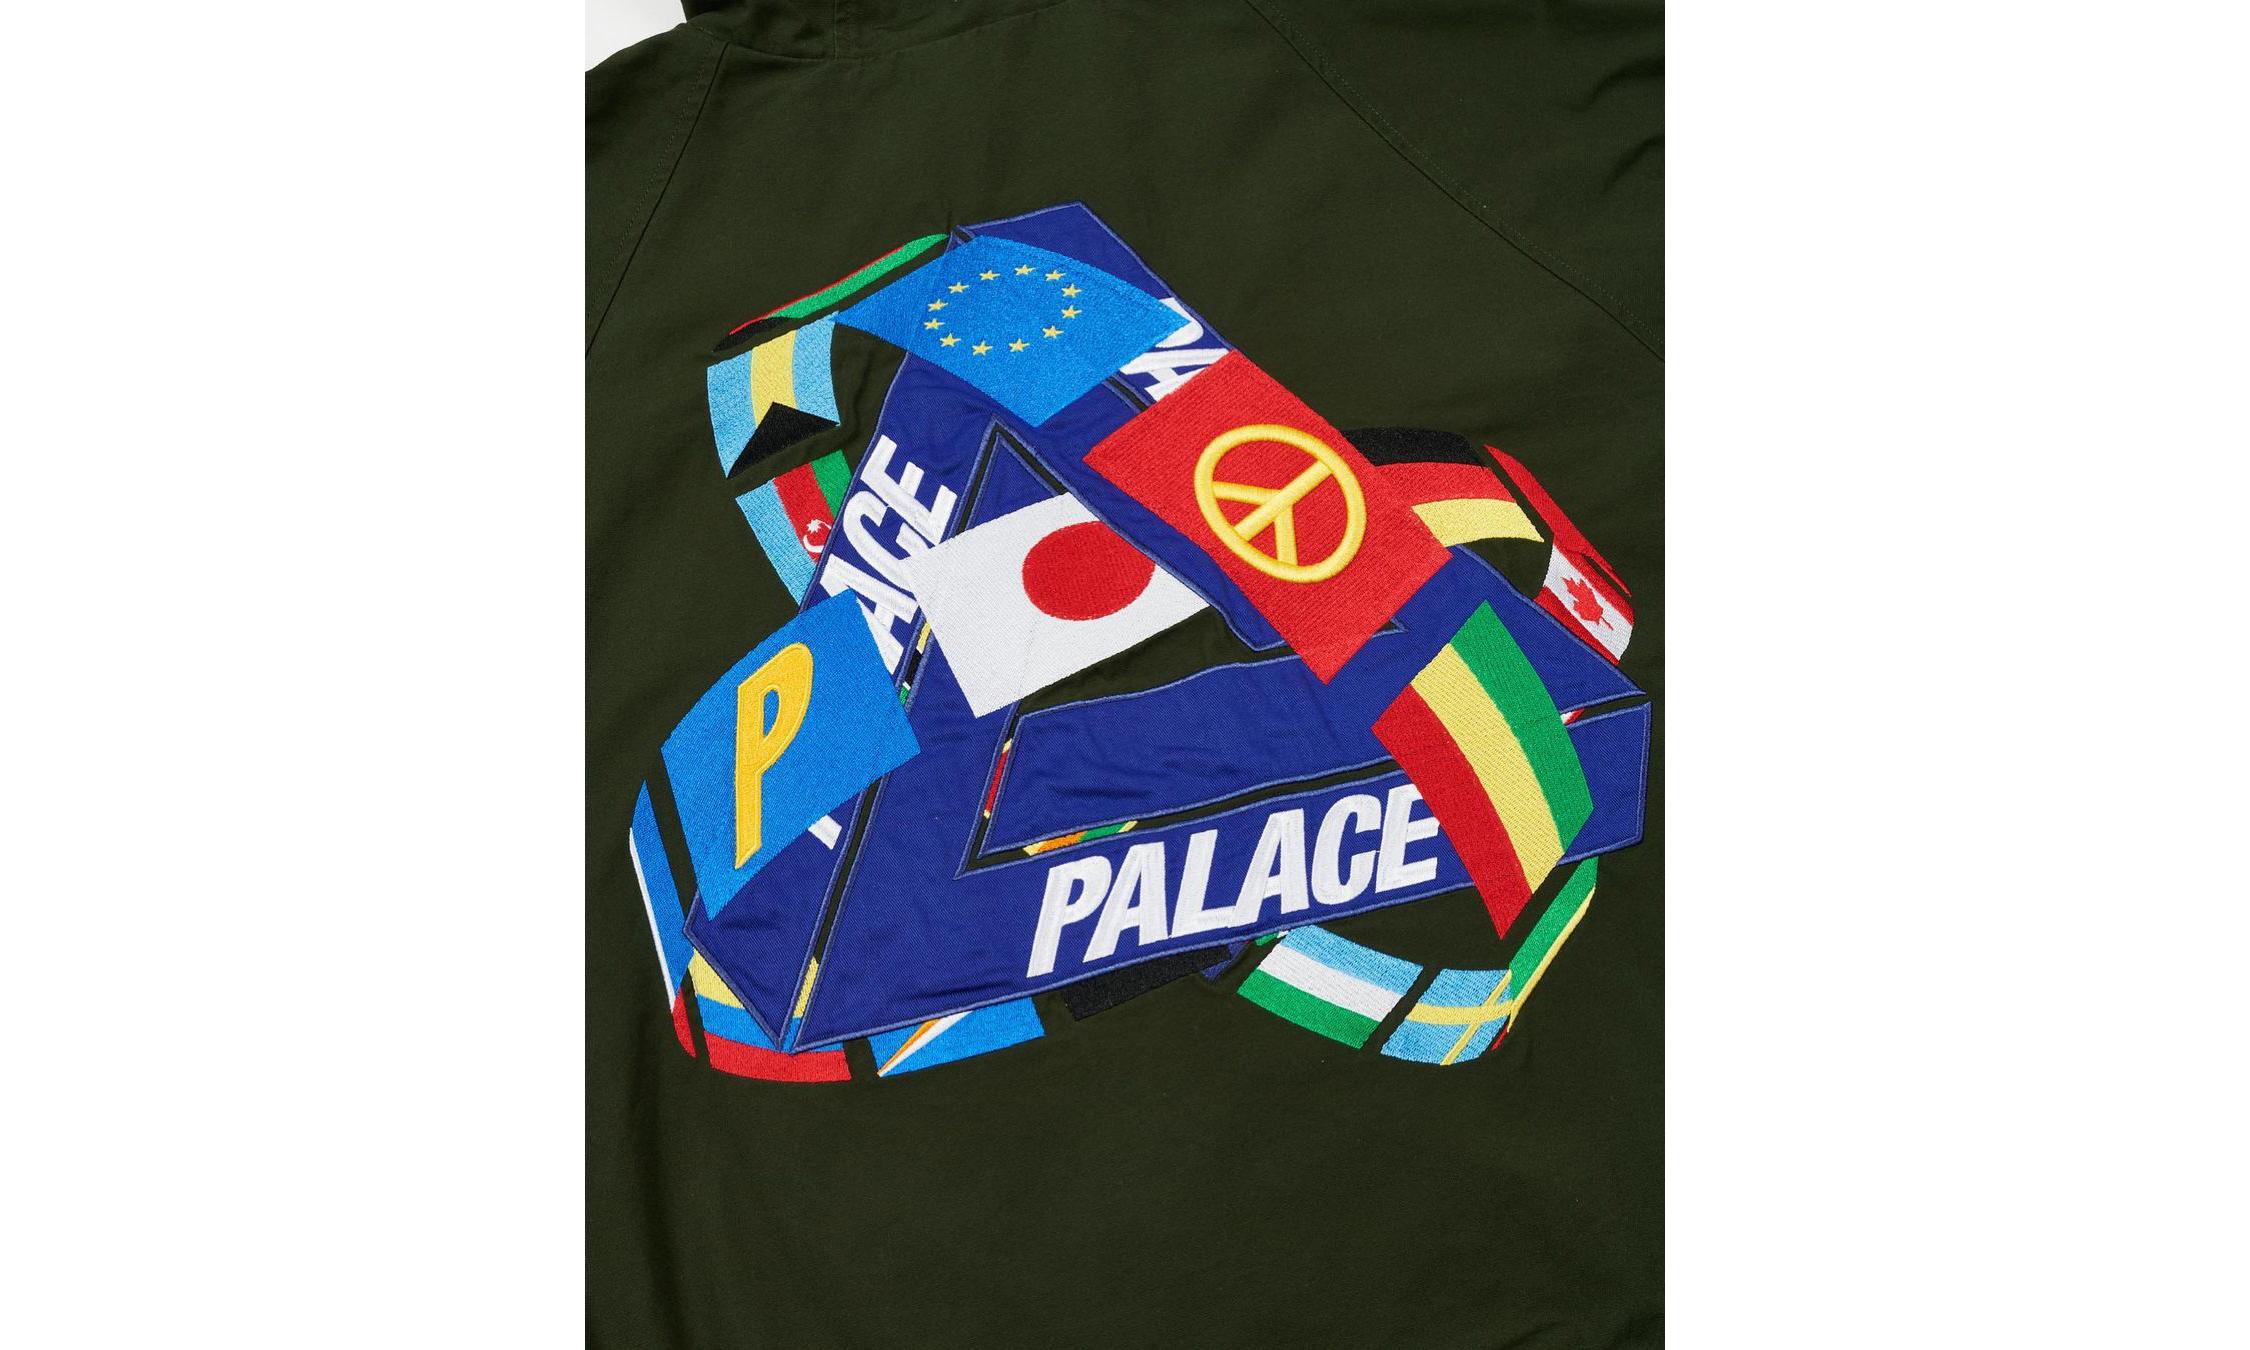 爆款预定?PALACE 发布全新三角 Logo 设计